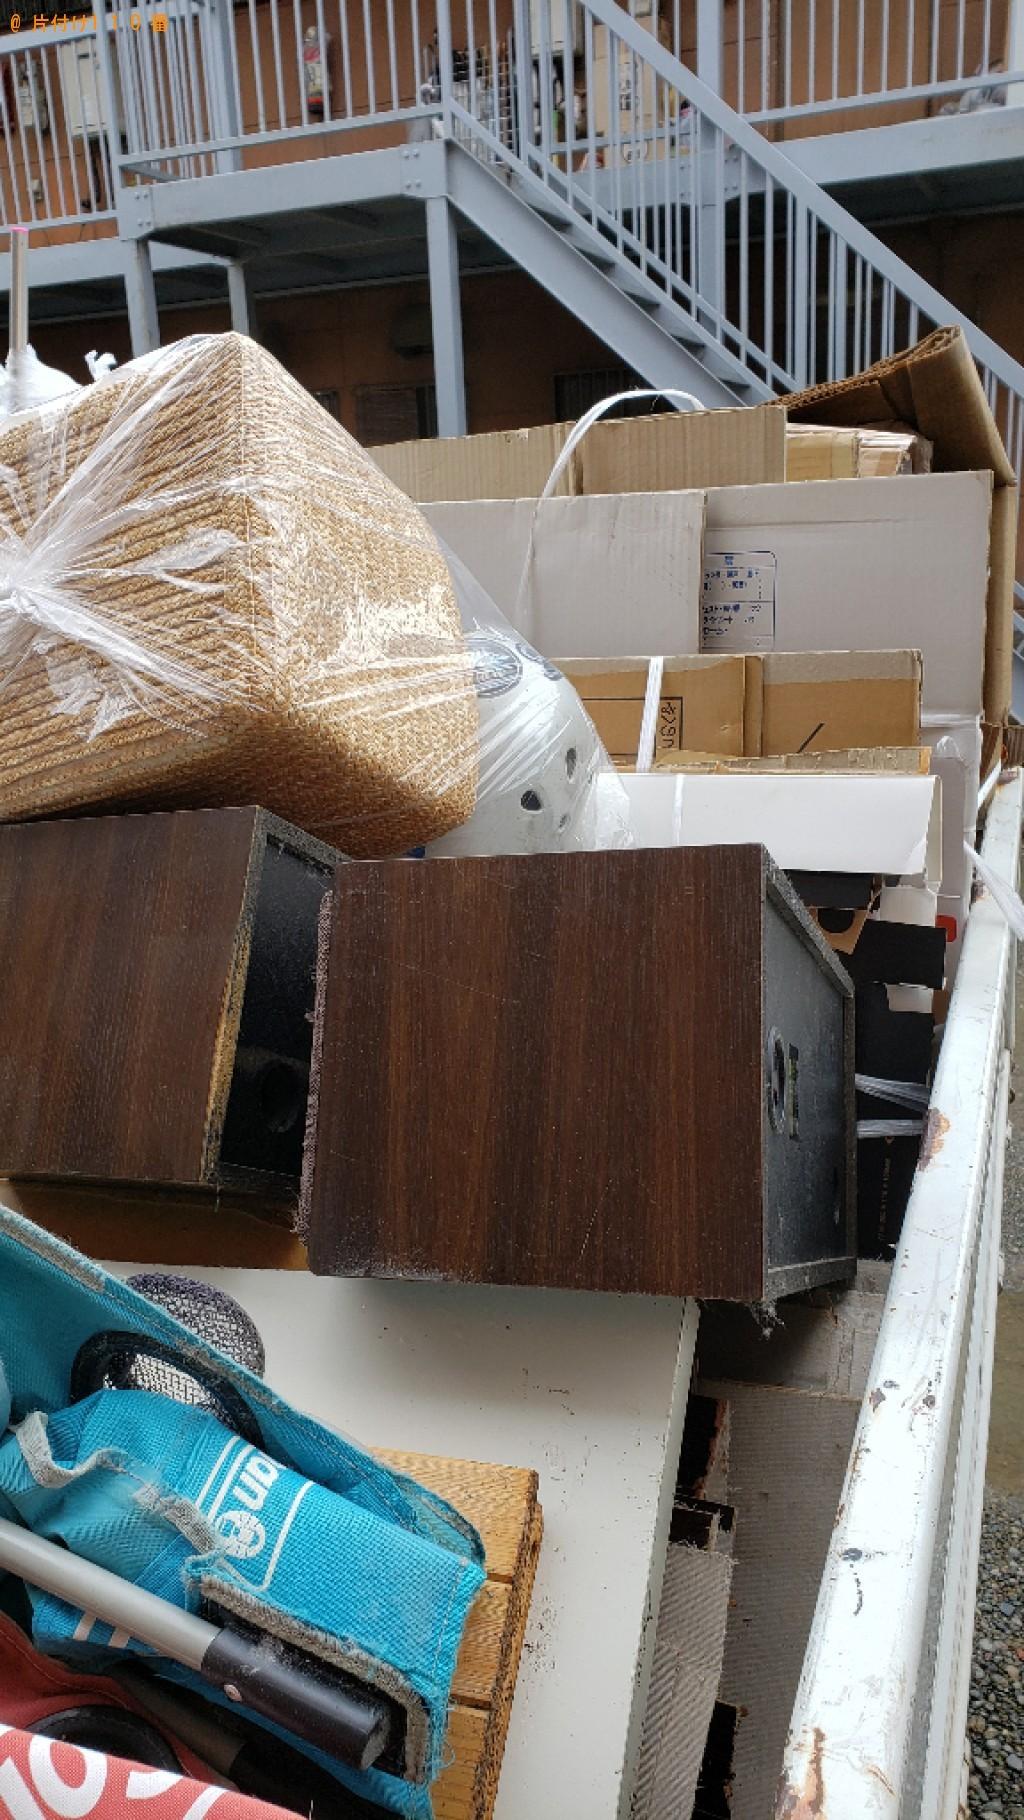 【海老名市】遺品整理でダンボール、木片、一般ごみ等の回収・処分ご依頼